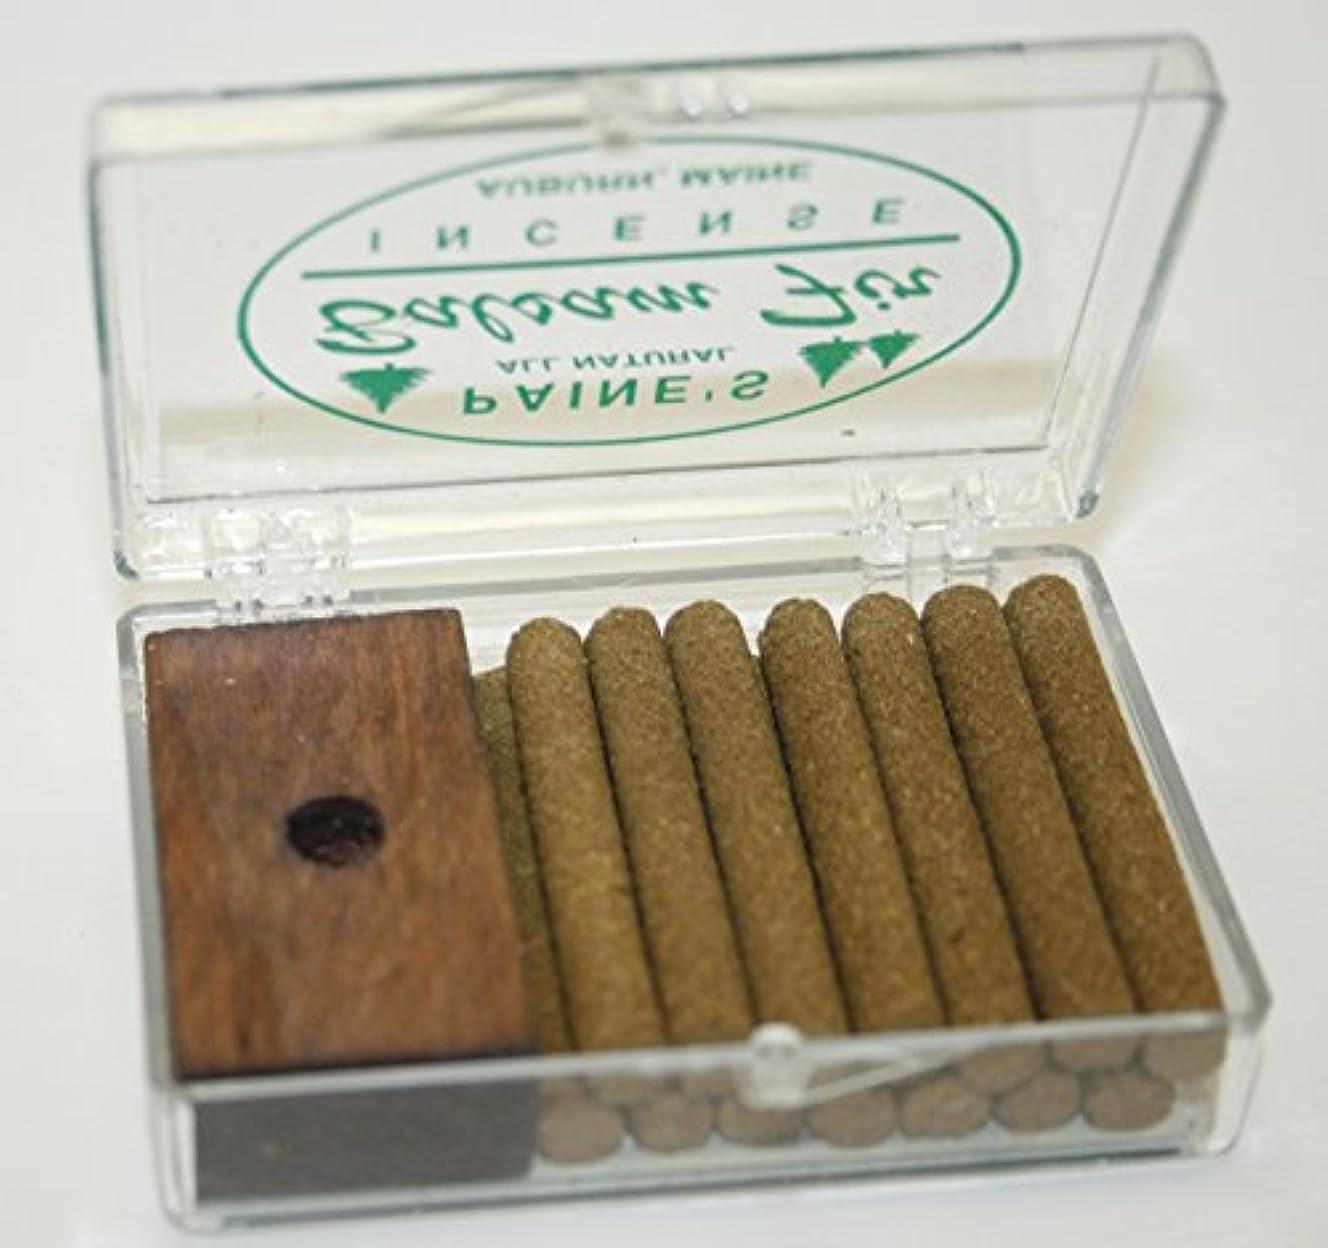 トンネルおじいちゃん失効INCENSE & BURNER comes w/ 14 balsam fir sticks Paine's wood holder lodge style by Paine's